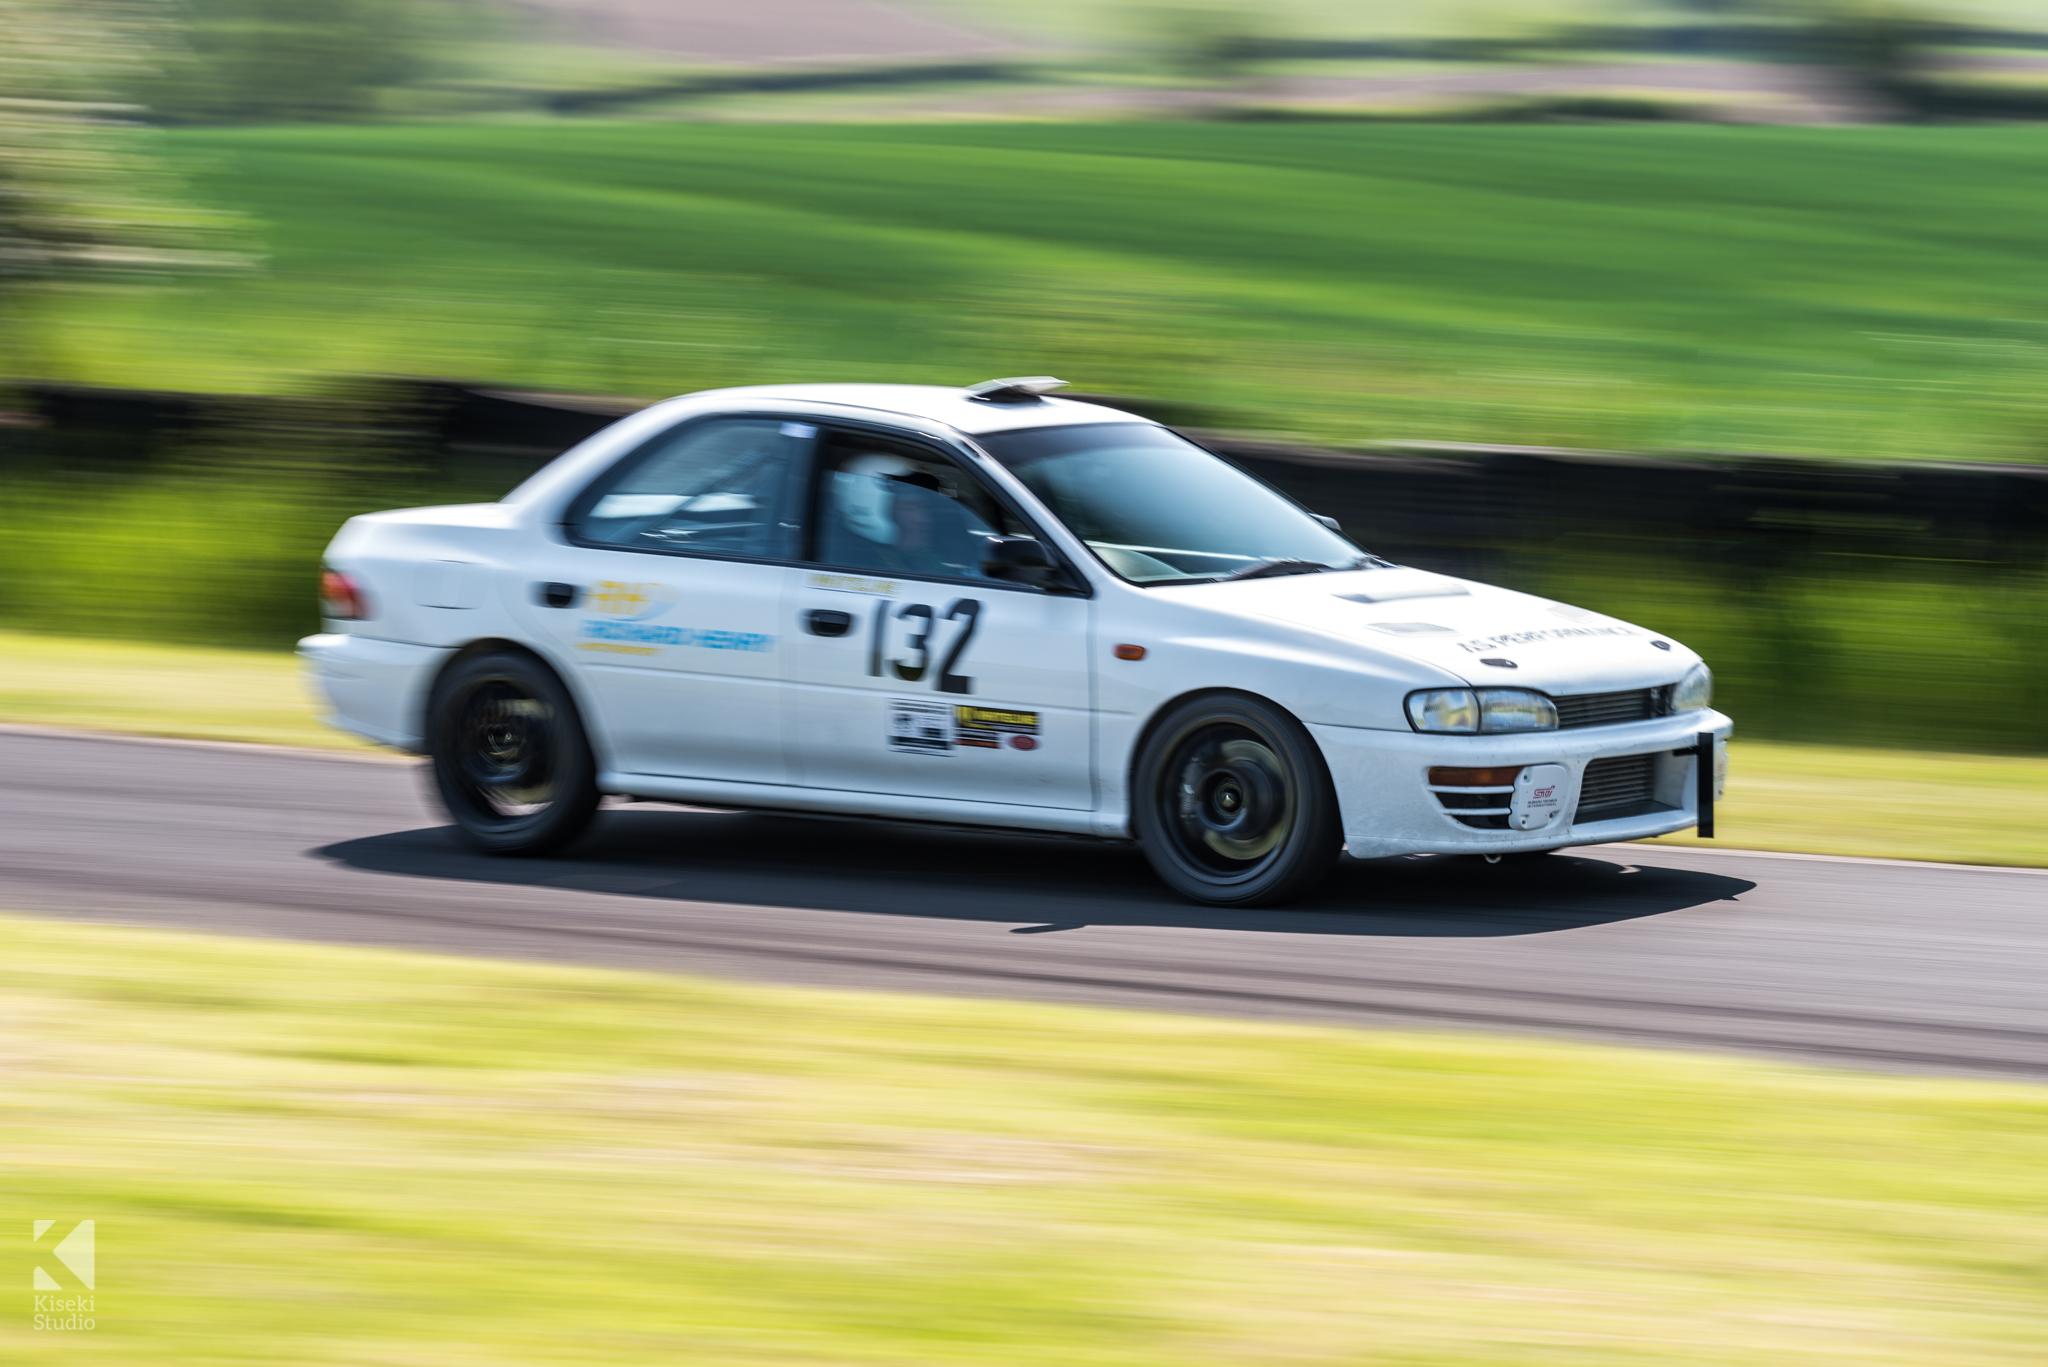 Subaru Impreza STI GC8 White